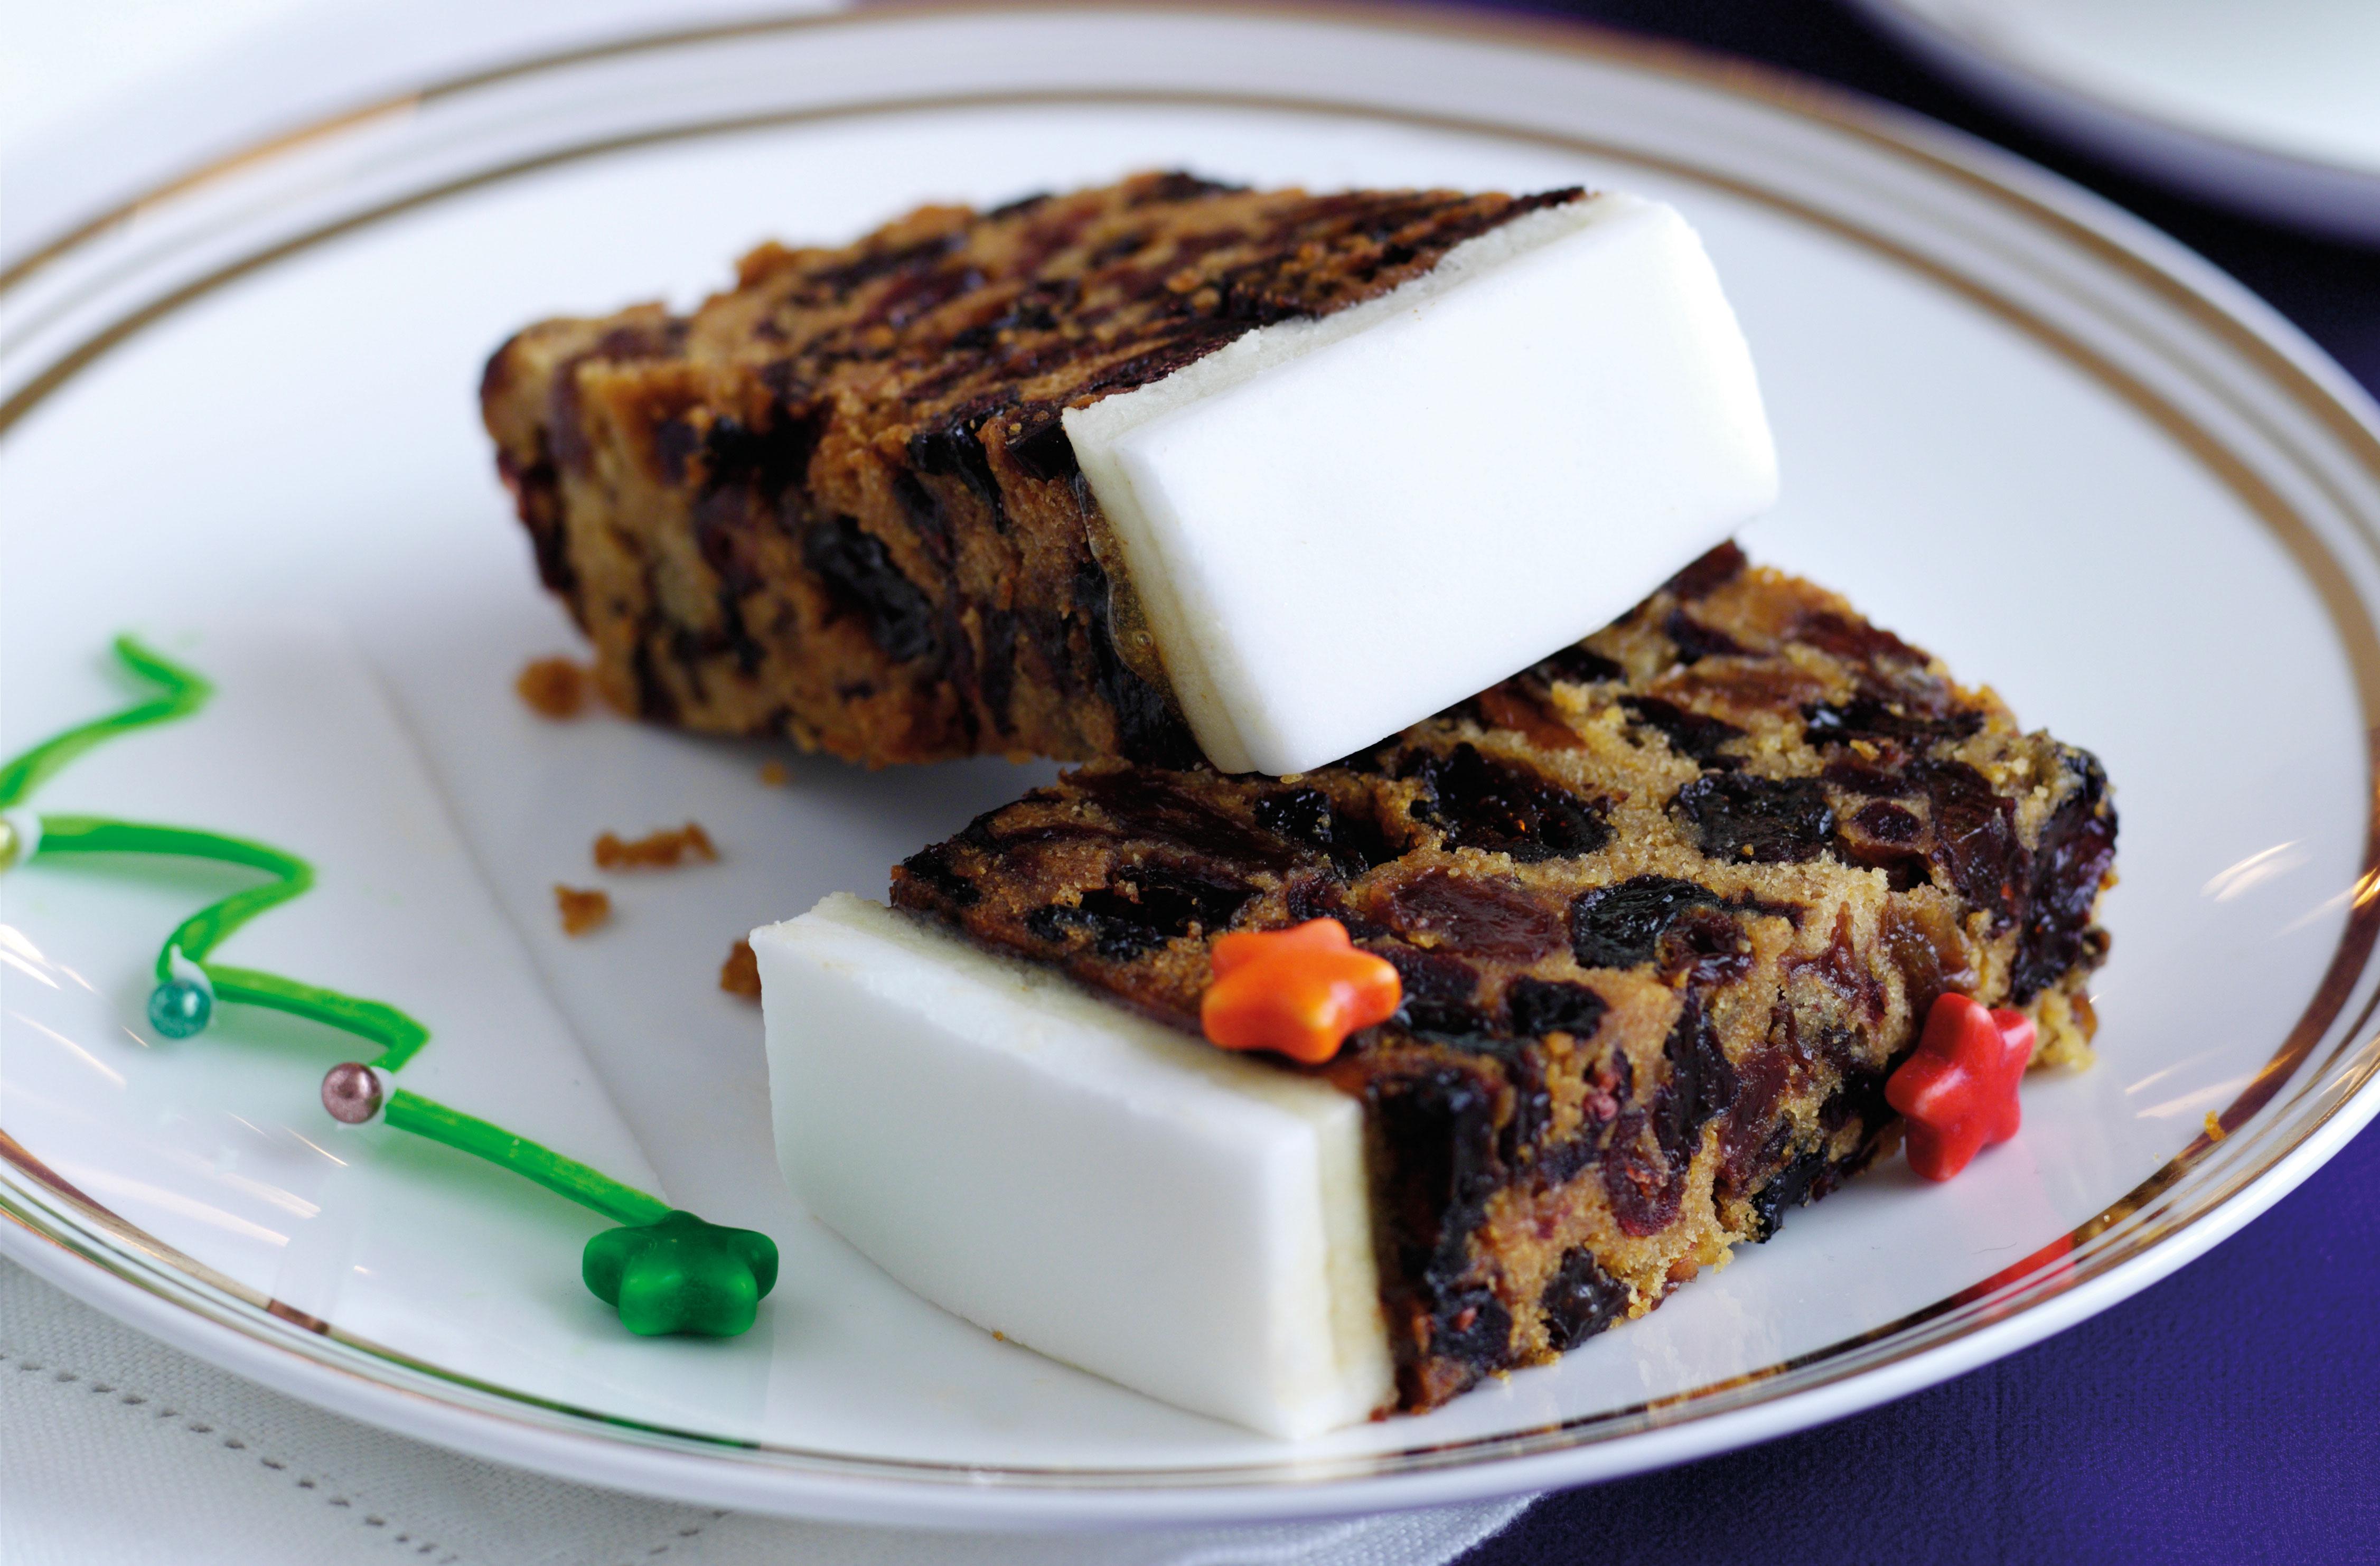 Torten Kuchendeko toller Teller mit zwei Stücken